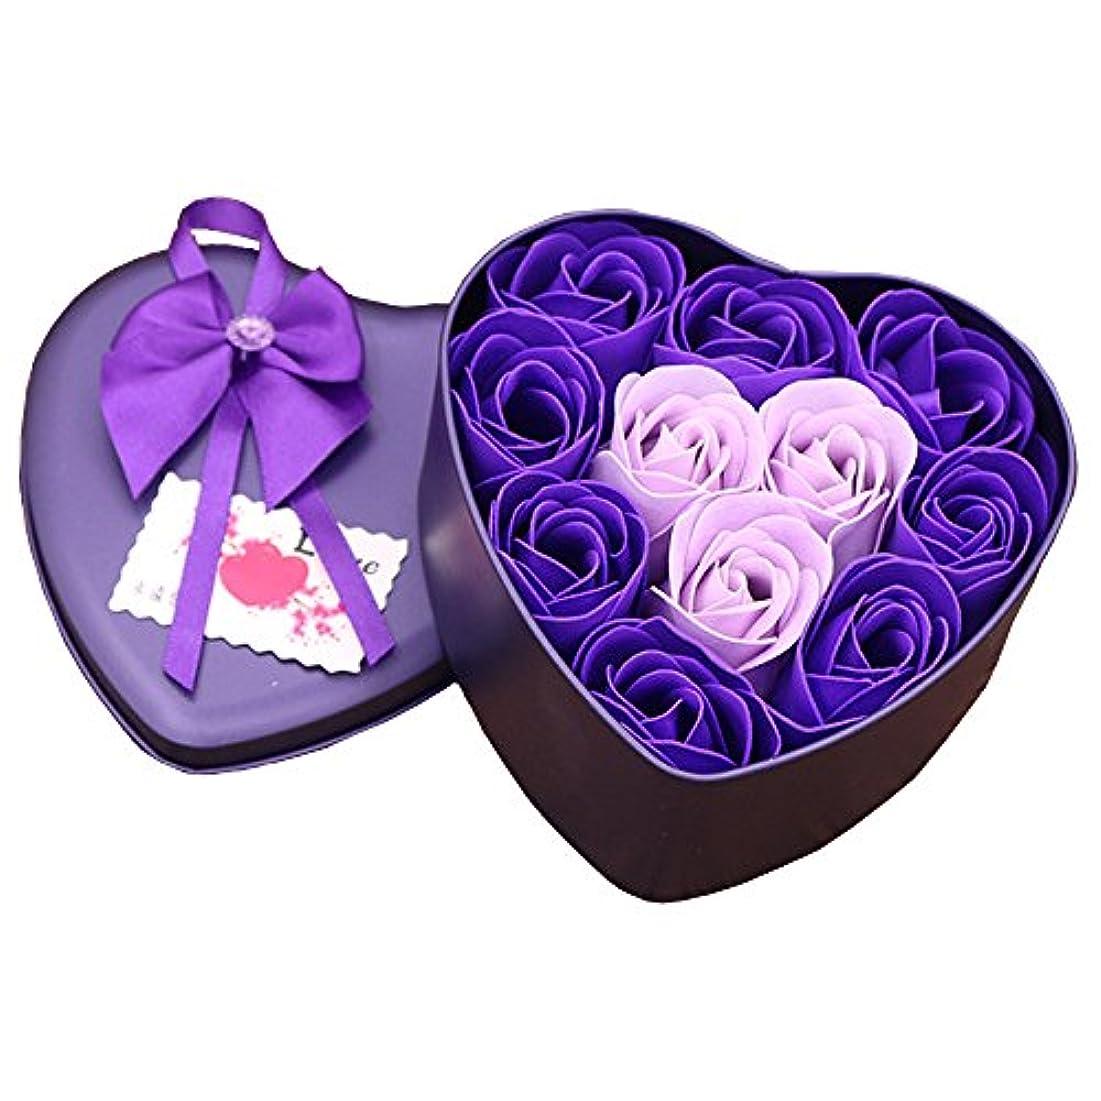 応じる平手打ちファンブルiCoole ソープフラワー 石鹸花 ハードフラワー形状 ギフトボックス入り 母の日 バレンタインデー お誕生日 ギフト